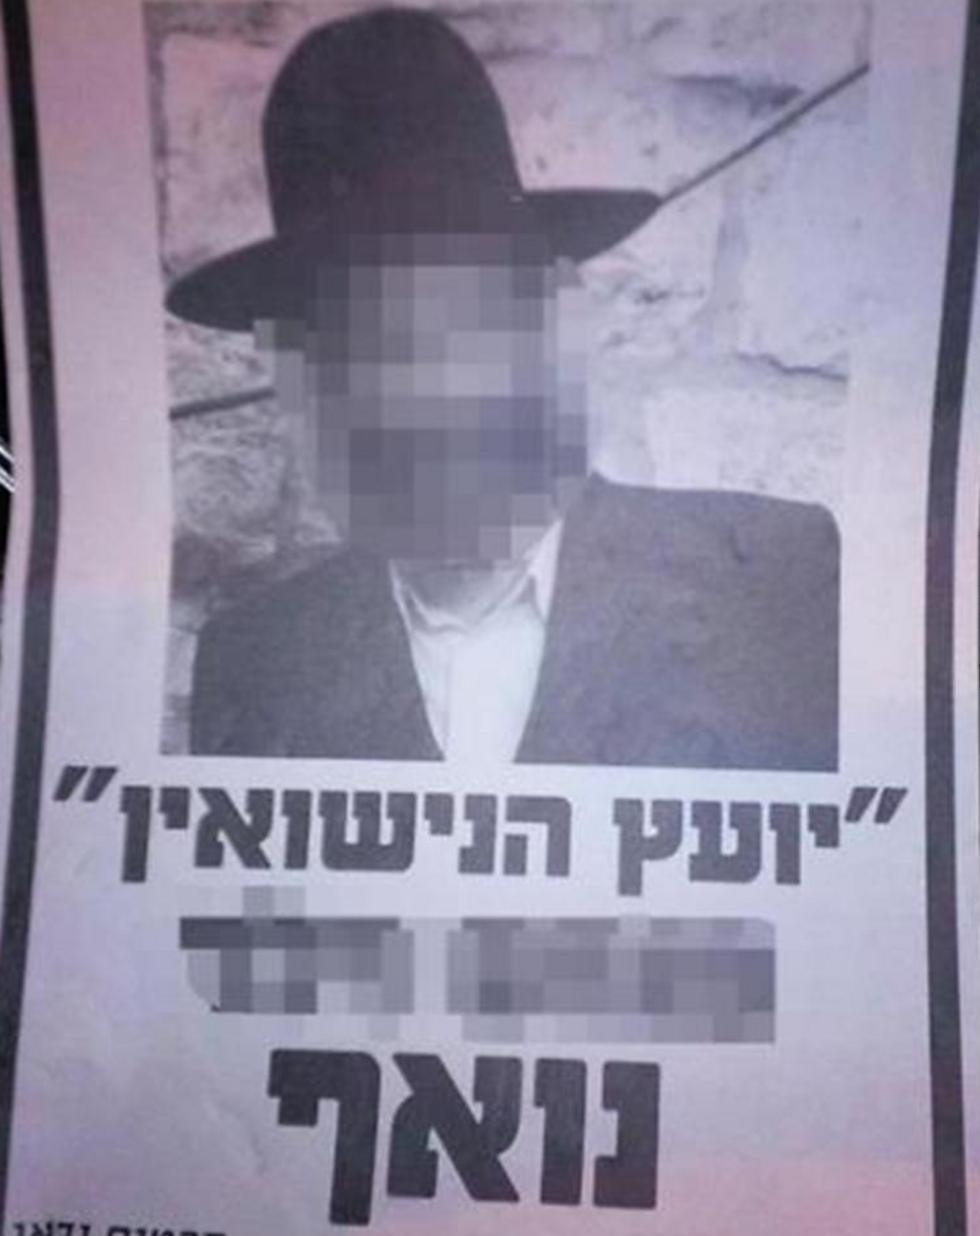 הכרזה שנתלתה נגד יועץ הנישואין ()